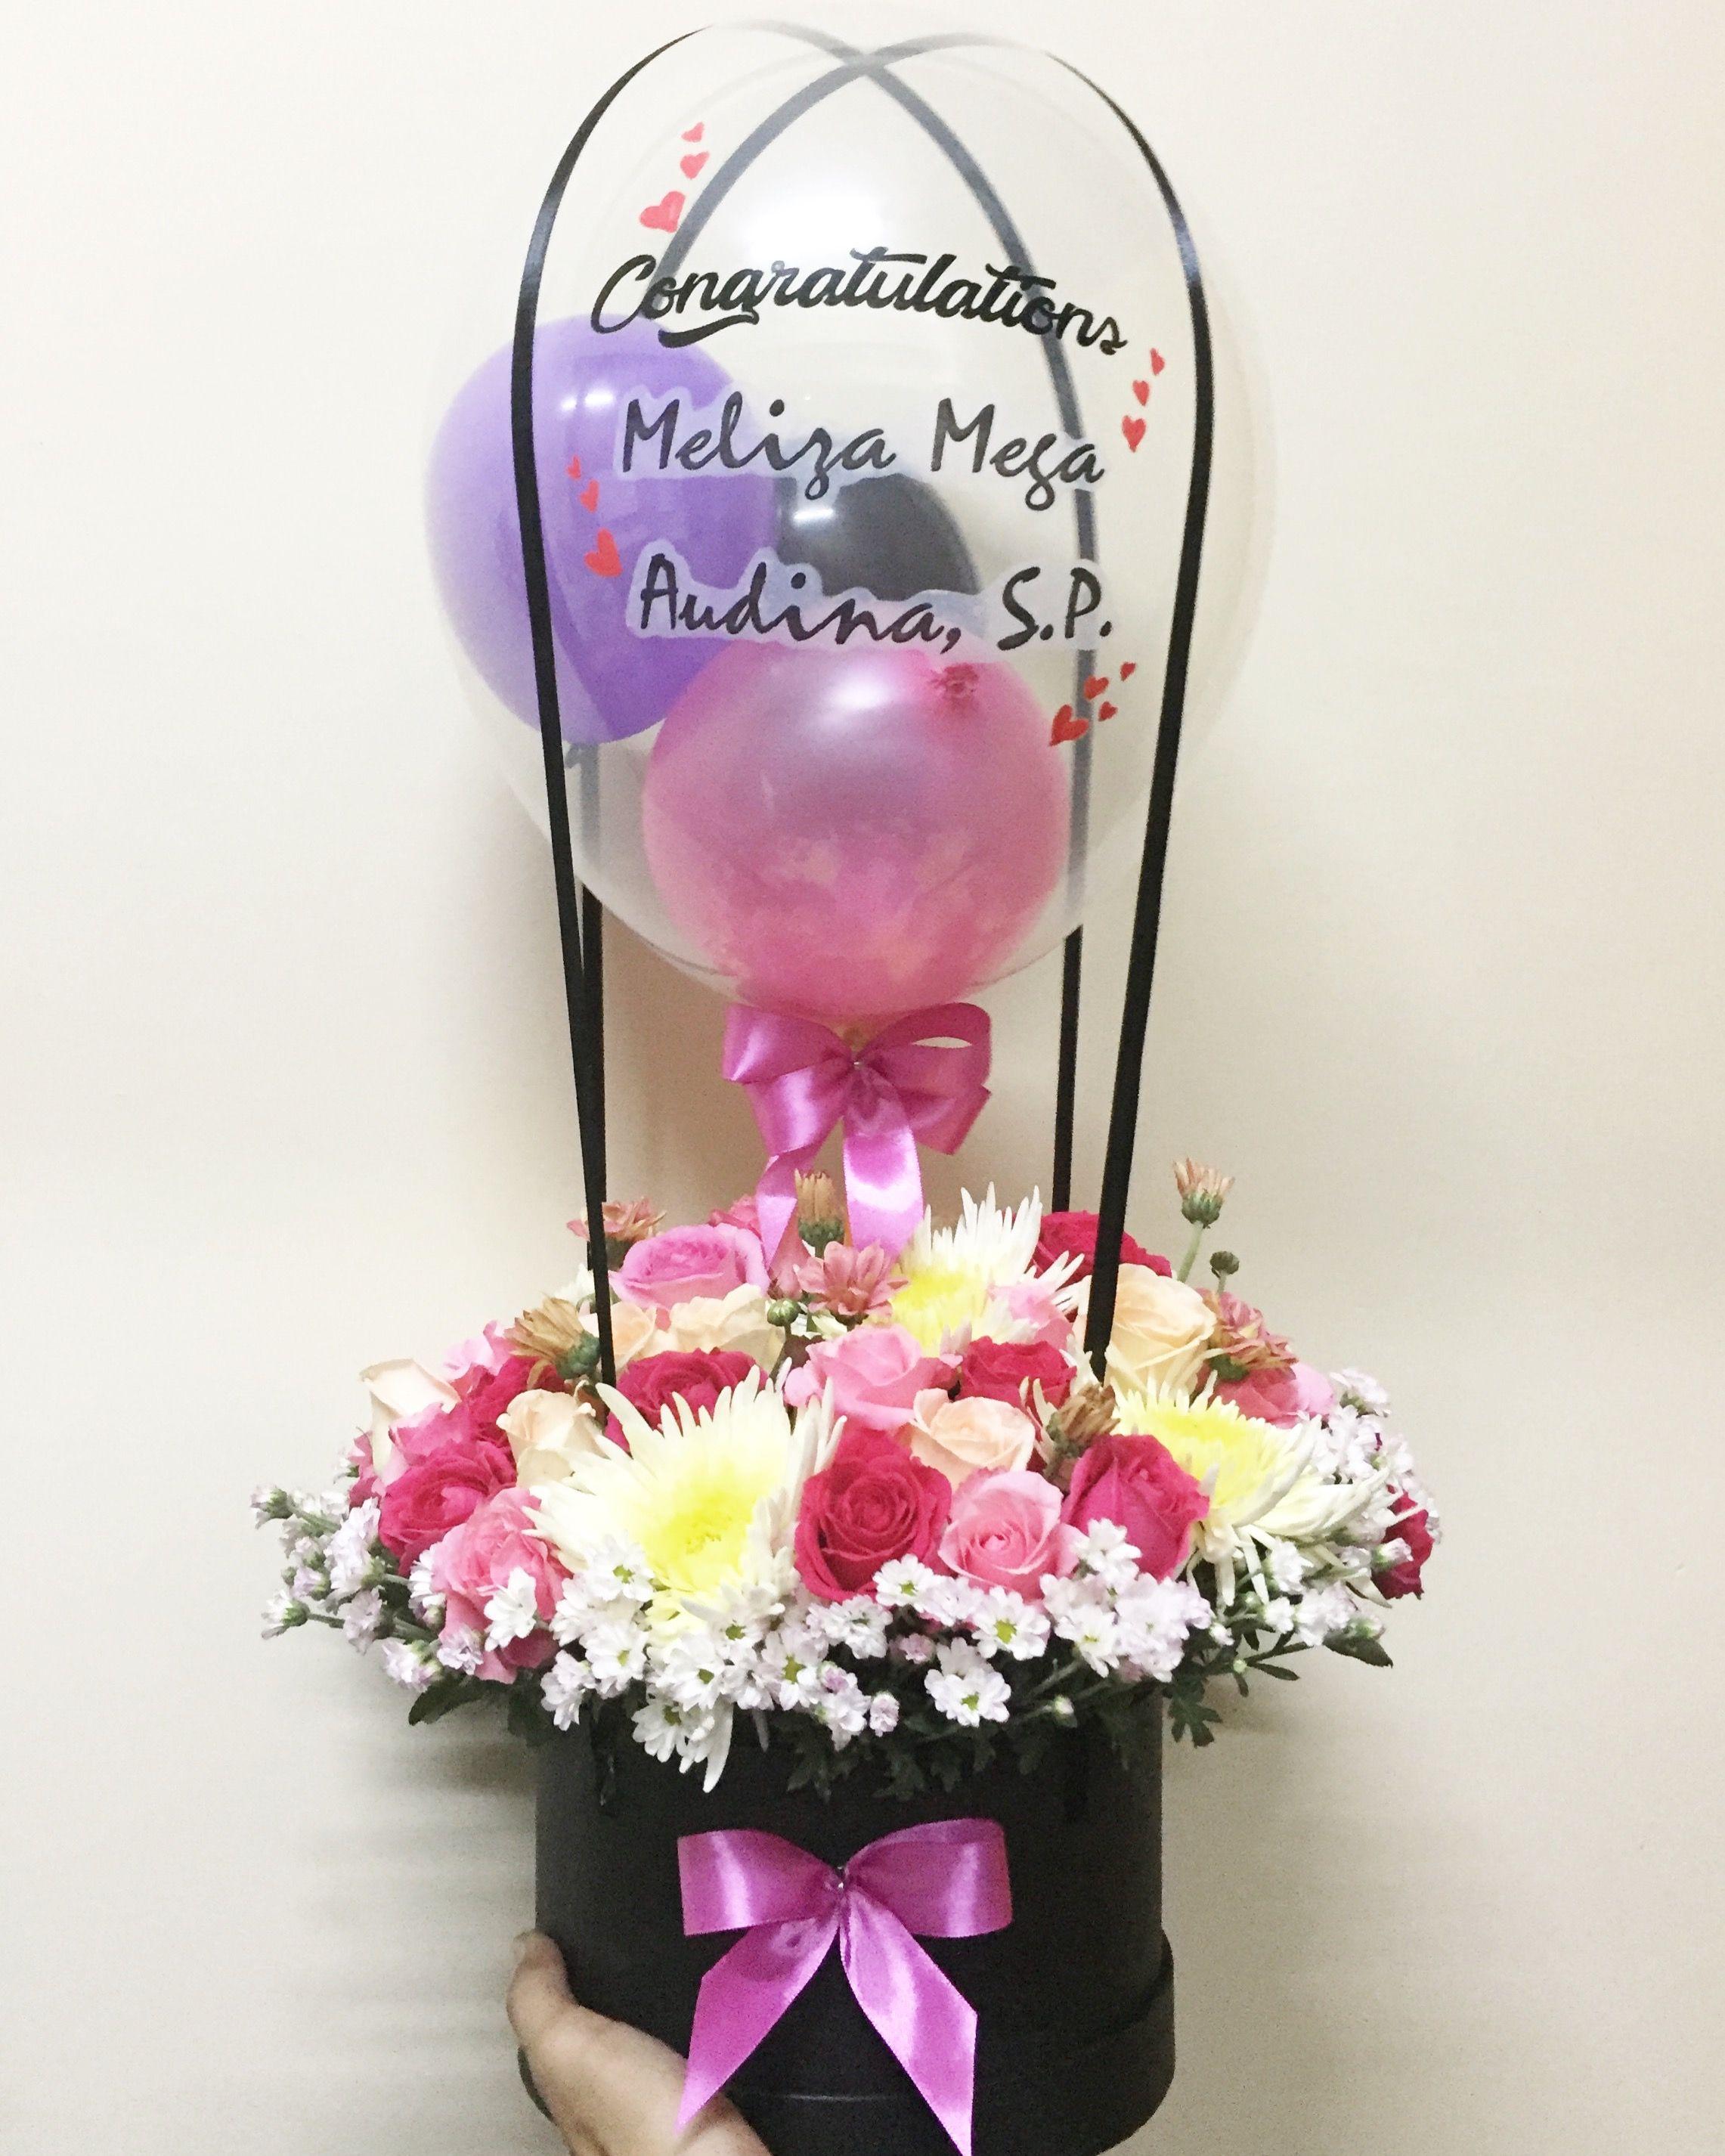 Hot air balloon bloom flower box